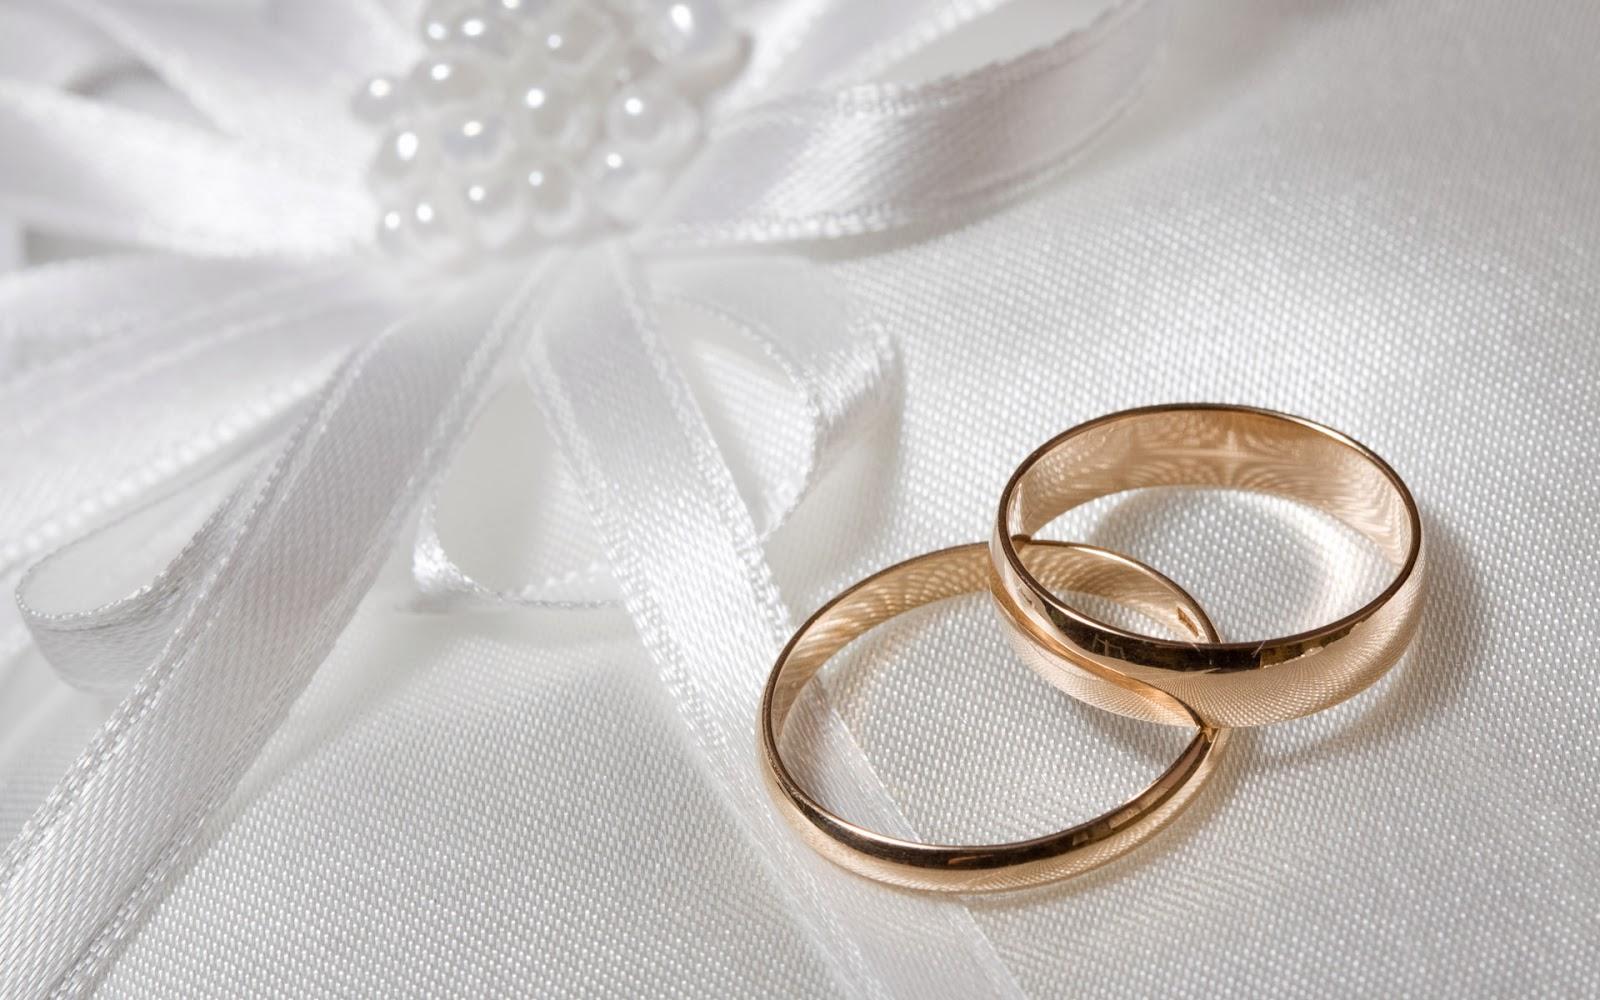 esküvői képek idézetekkel Fodor Ákos: Fodor Ákos idézetek esküvői meghívóra esküvői képek idézetekkel